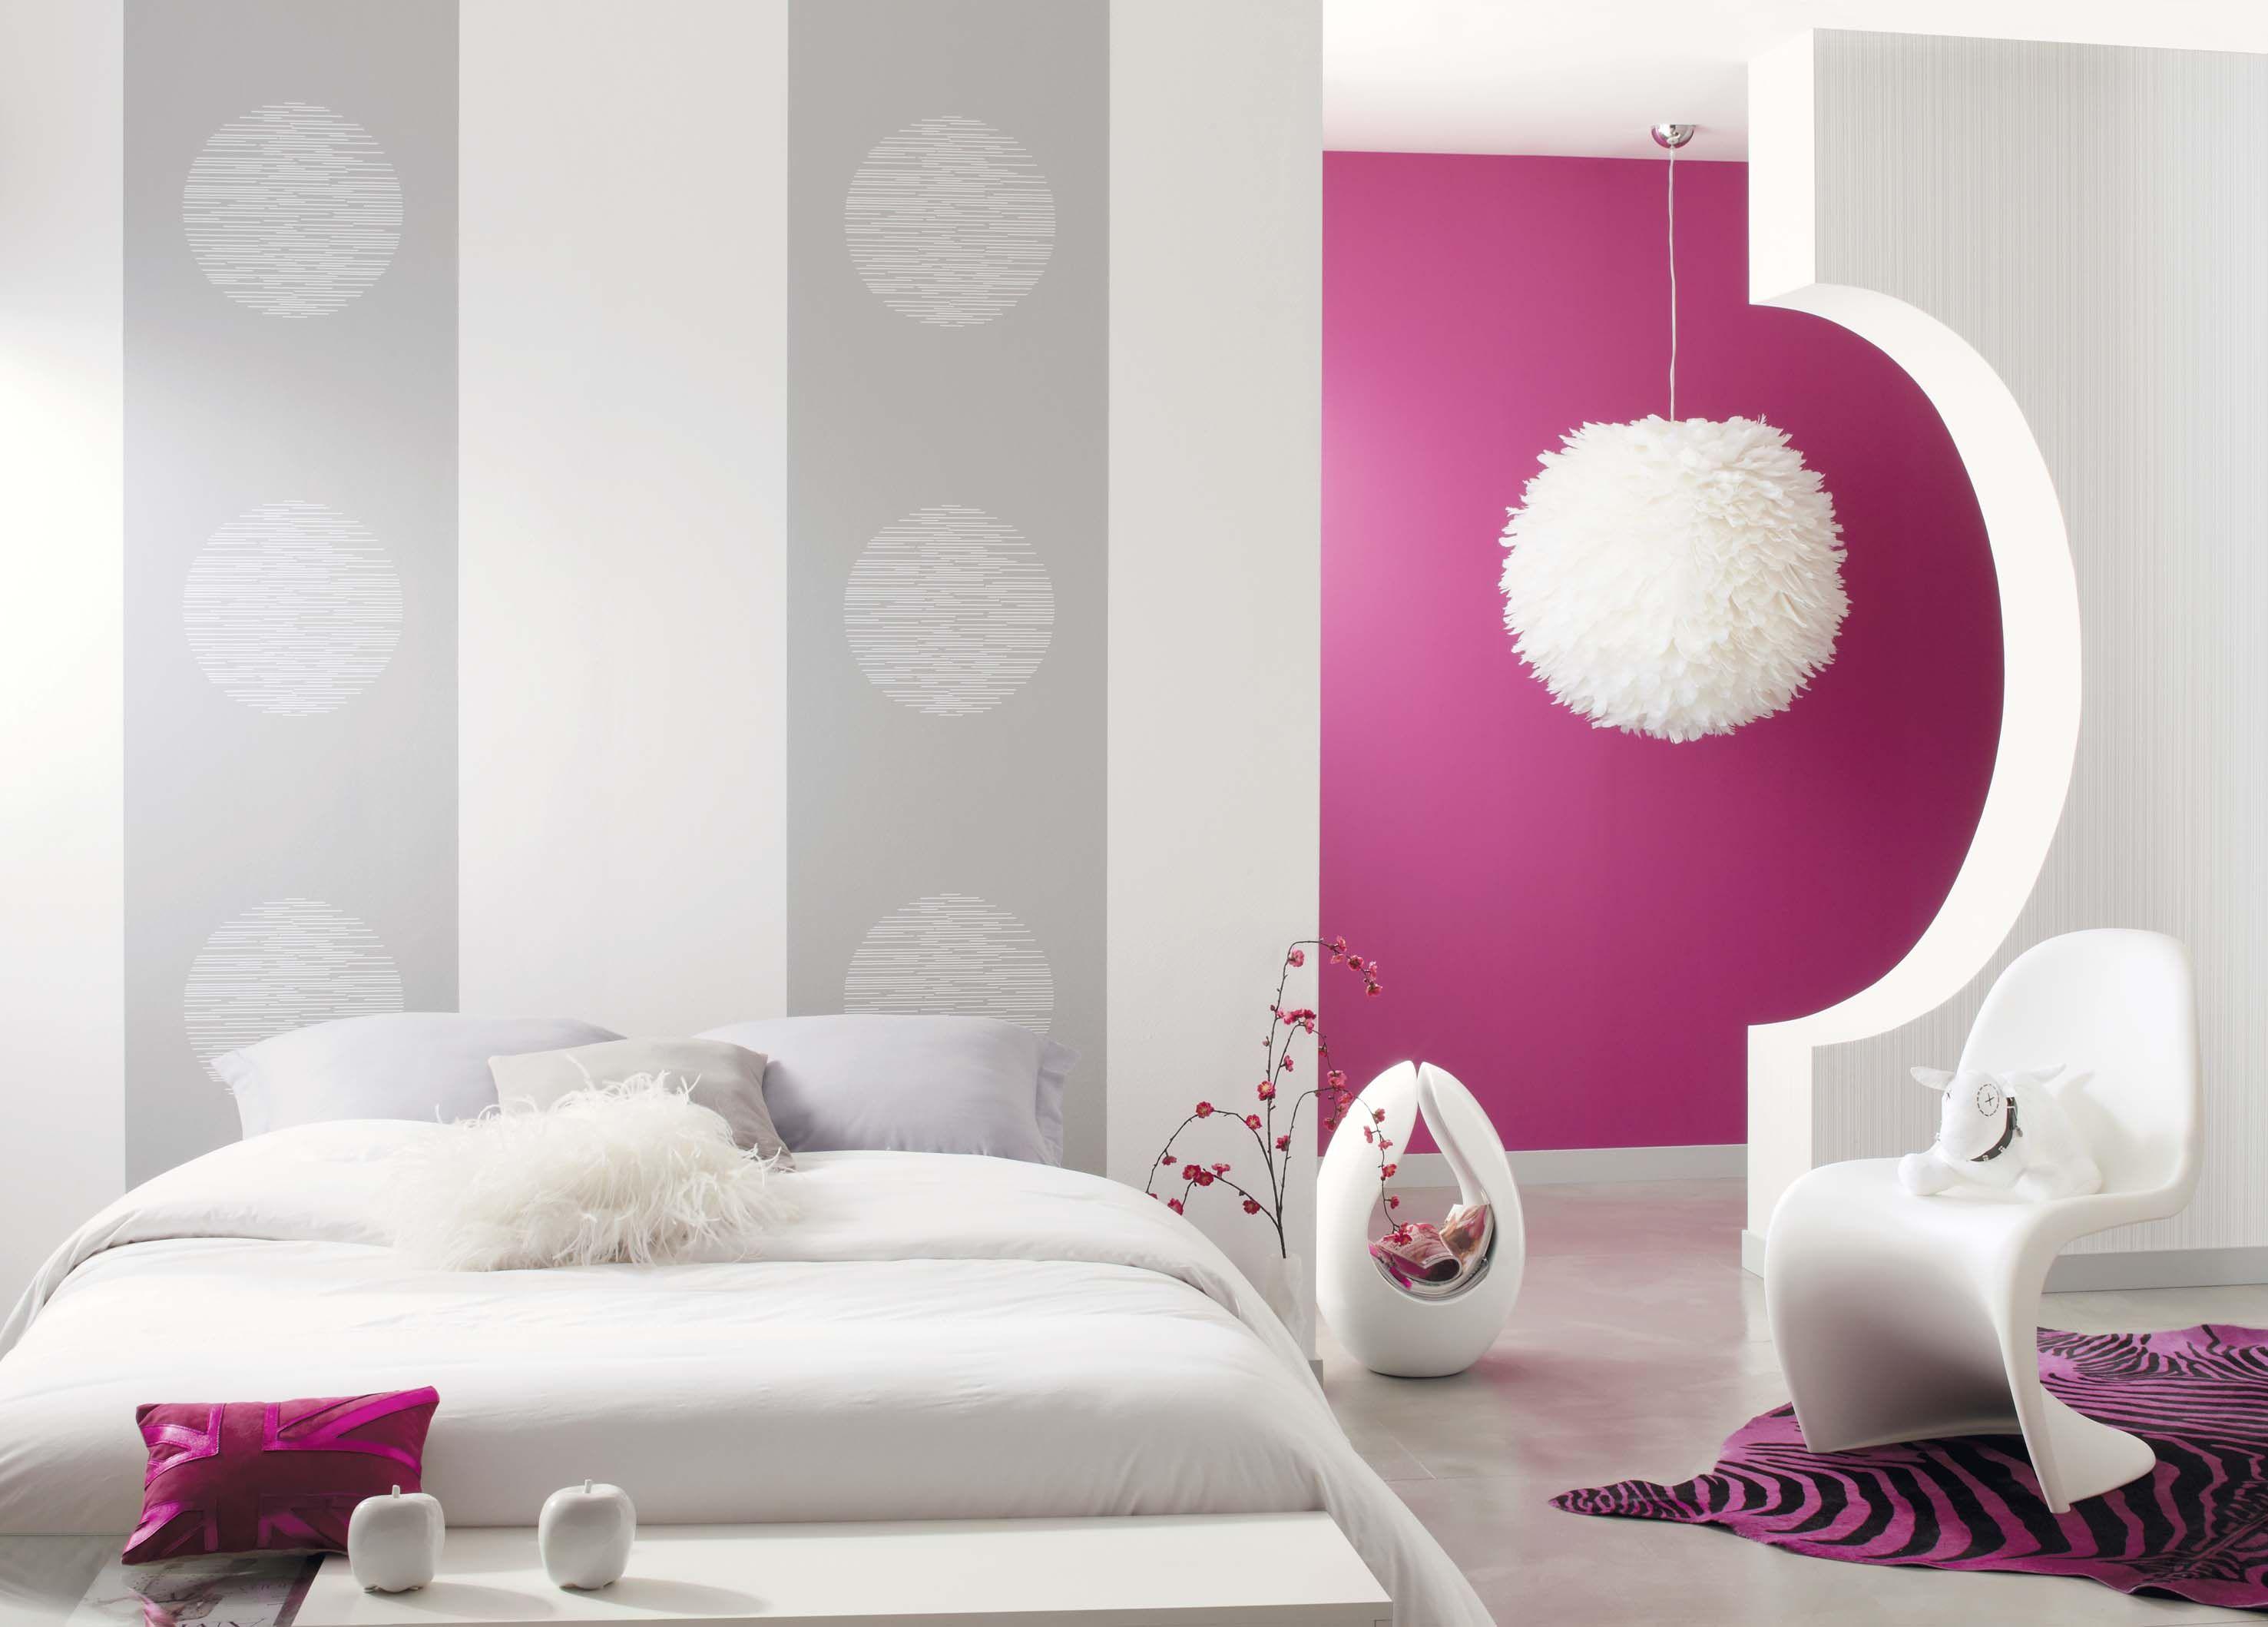 rsultat de recherche dimages pour idee deco tapisserie chambre a coucher - Tapisserie De Chambre A Coucher